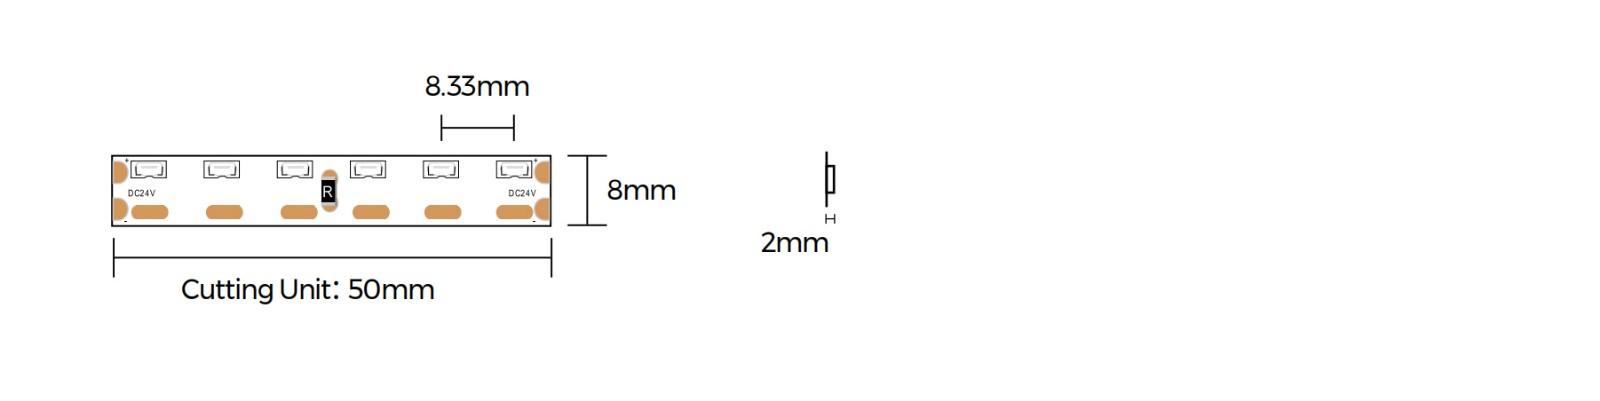 D4120-24V-8mm